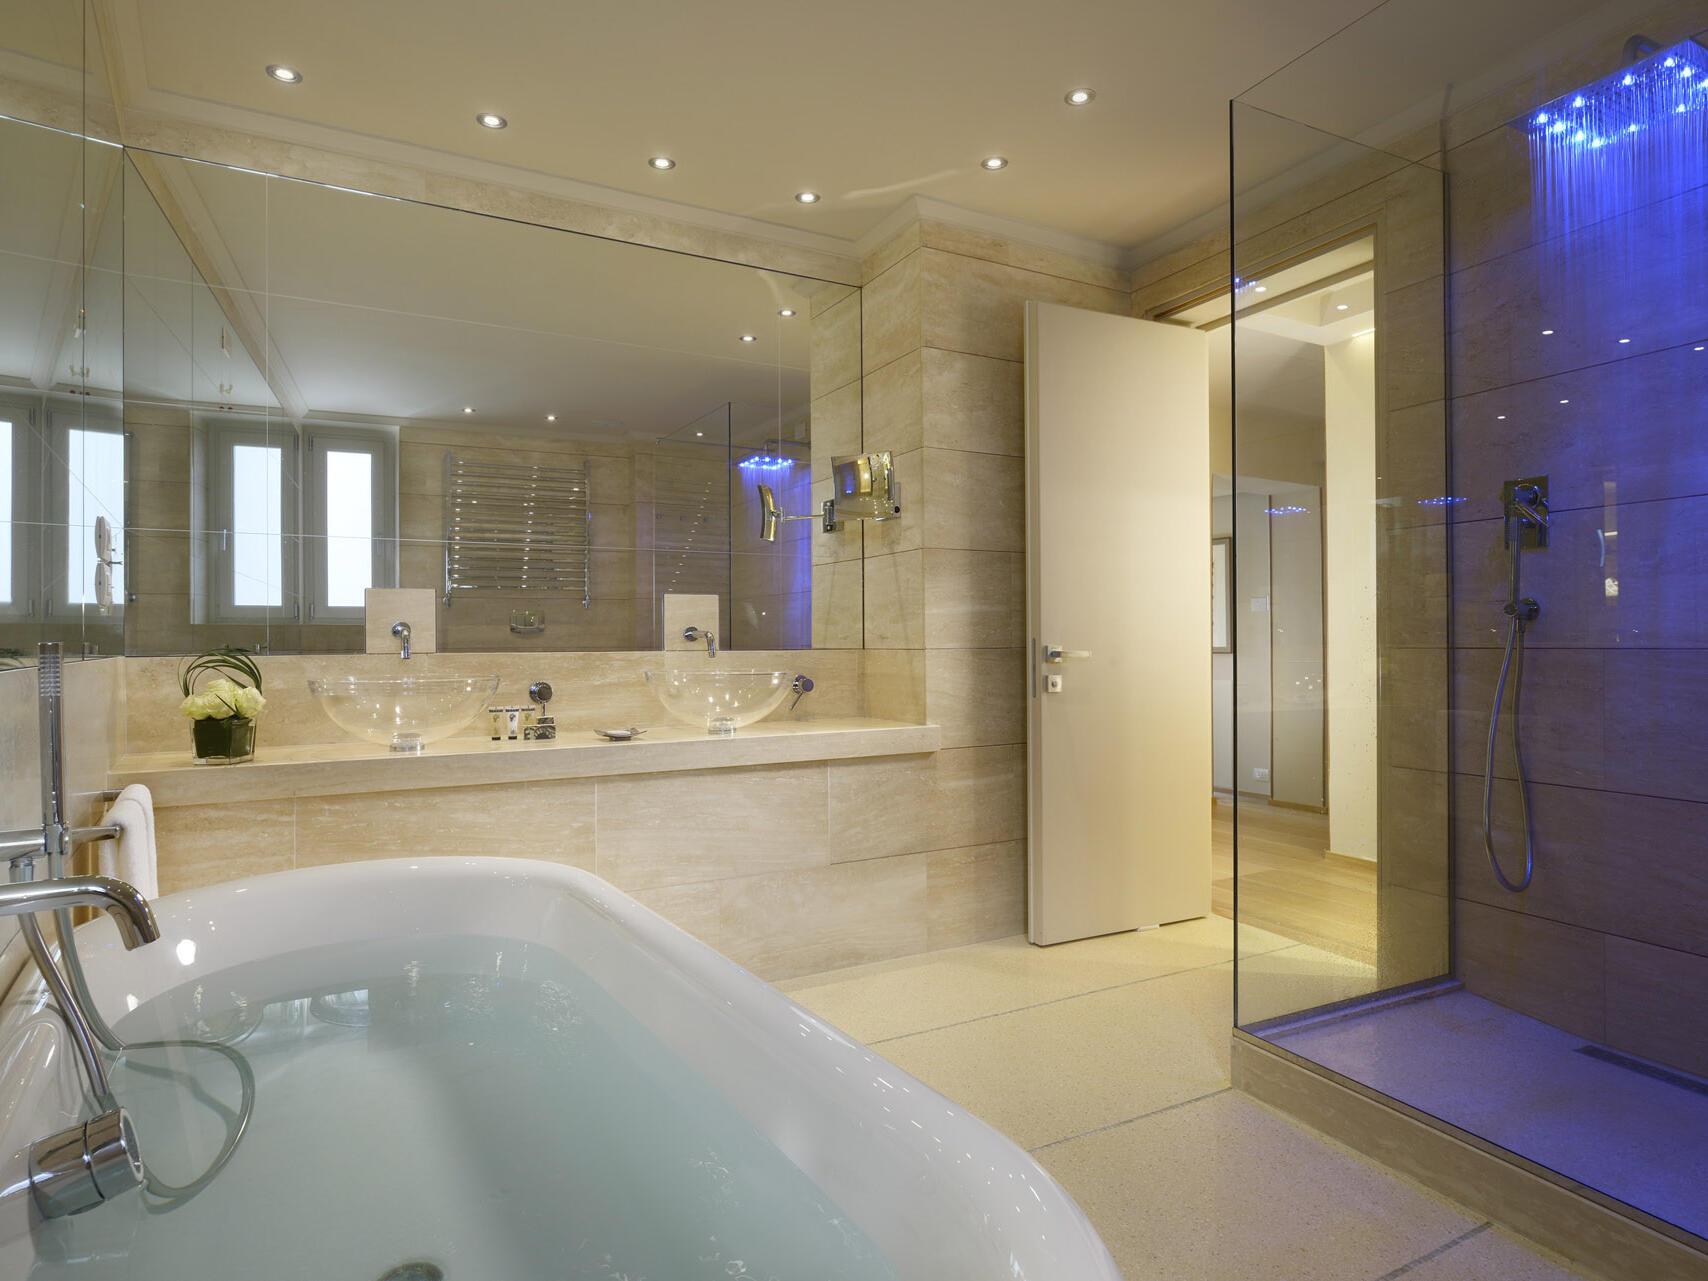 Luxury bathroom at Grand Hotel Minerva